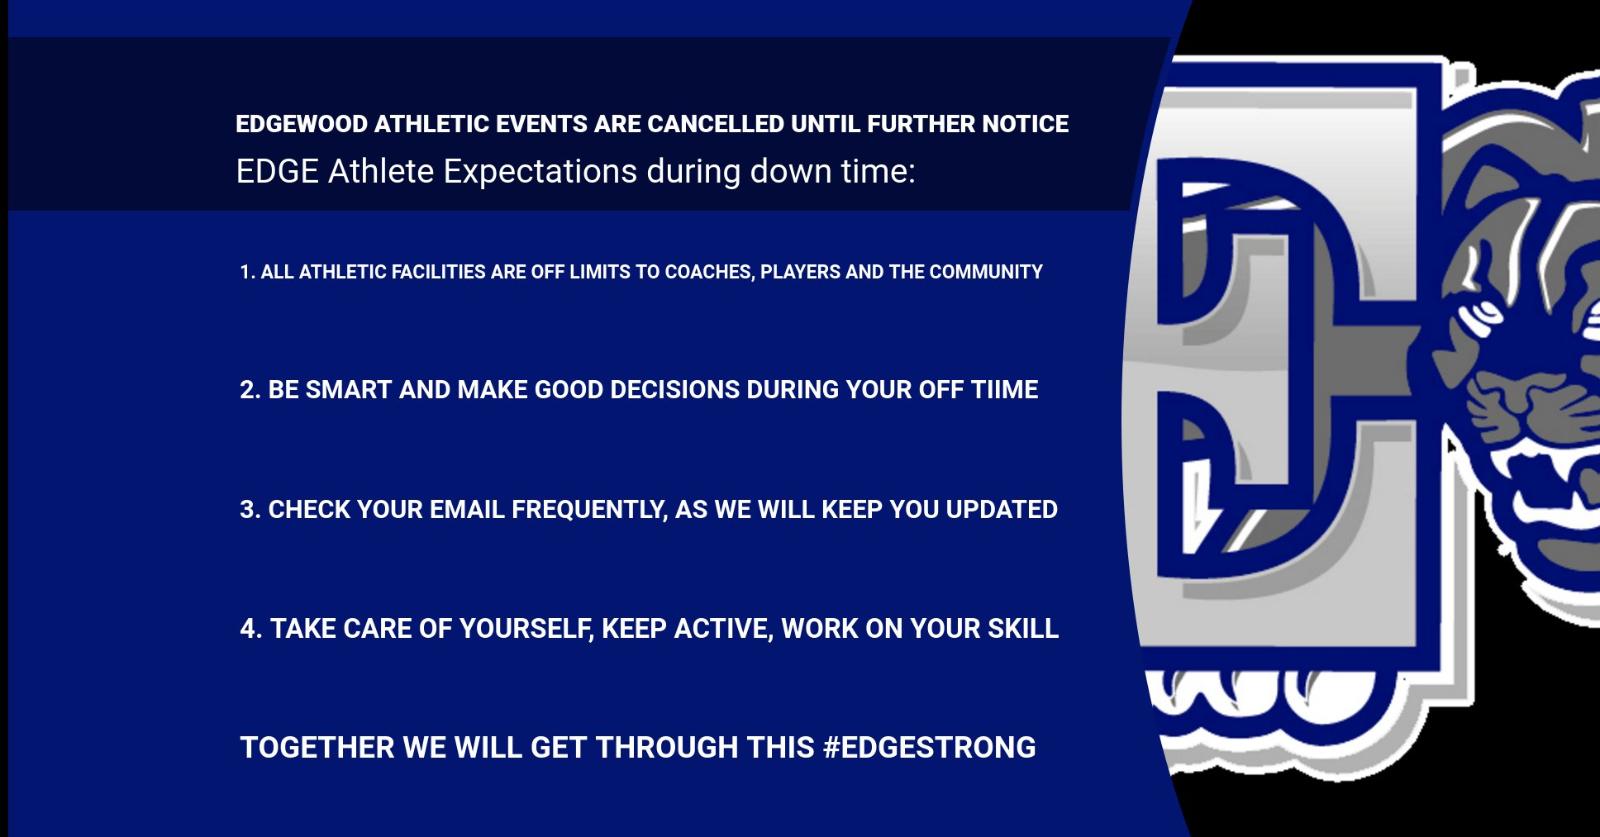 Edgewood Athletics Update: